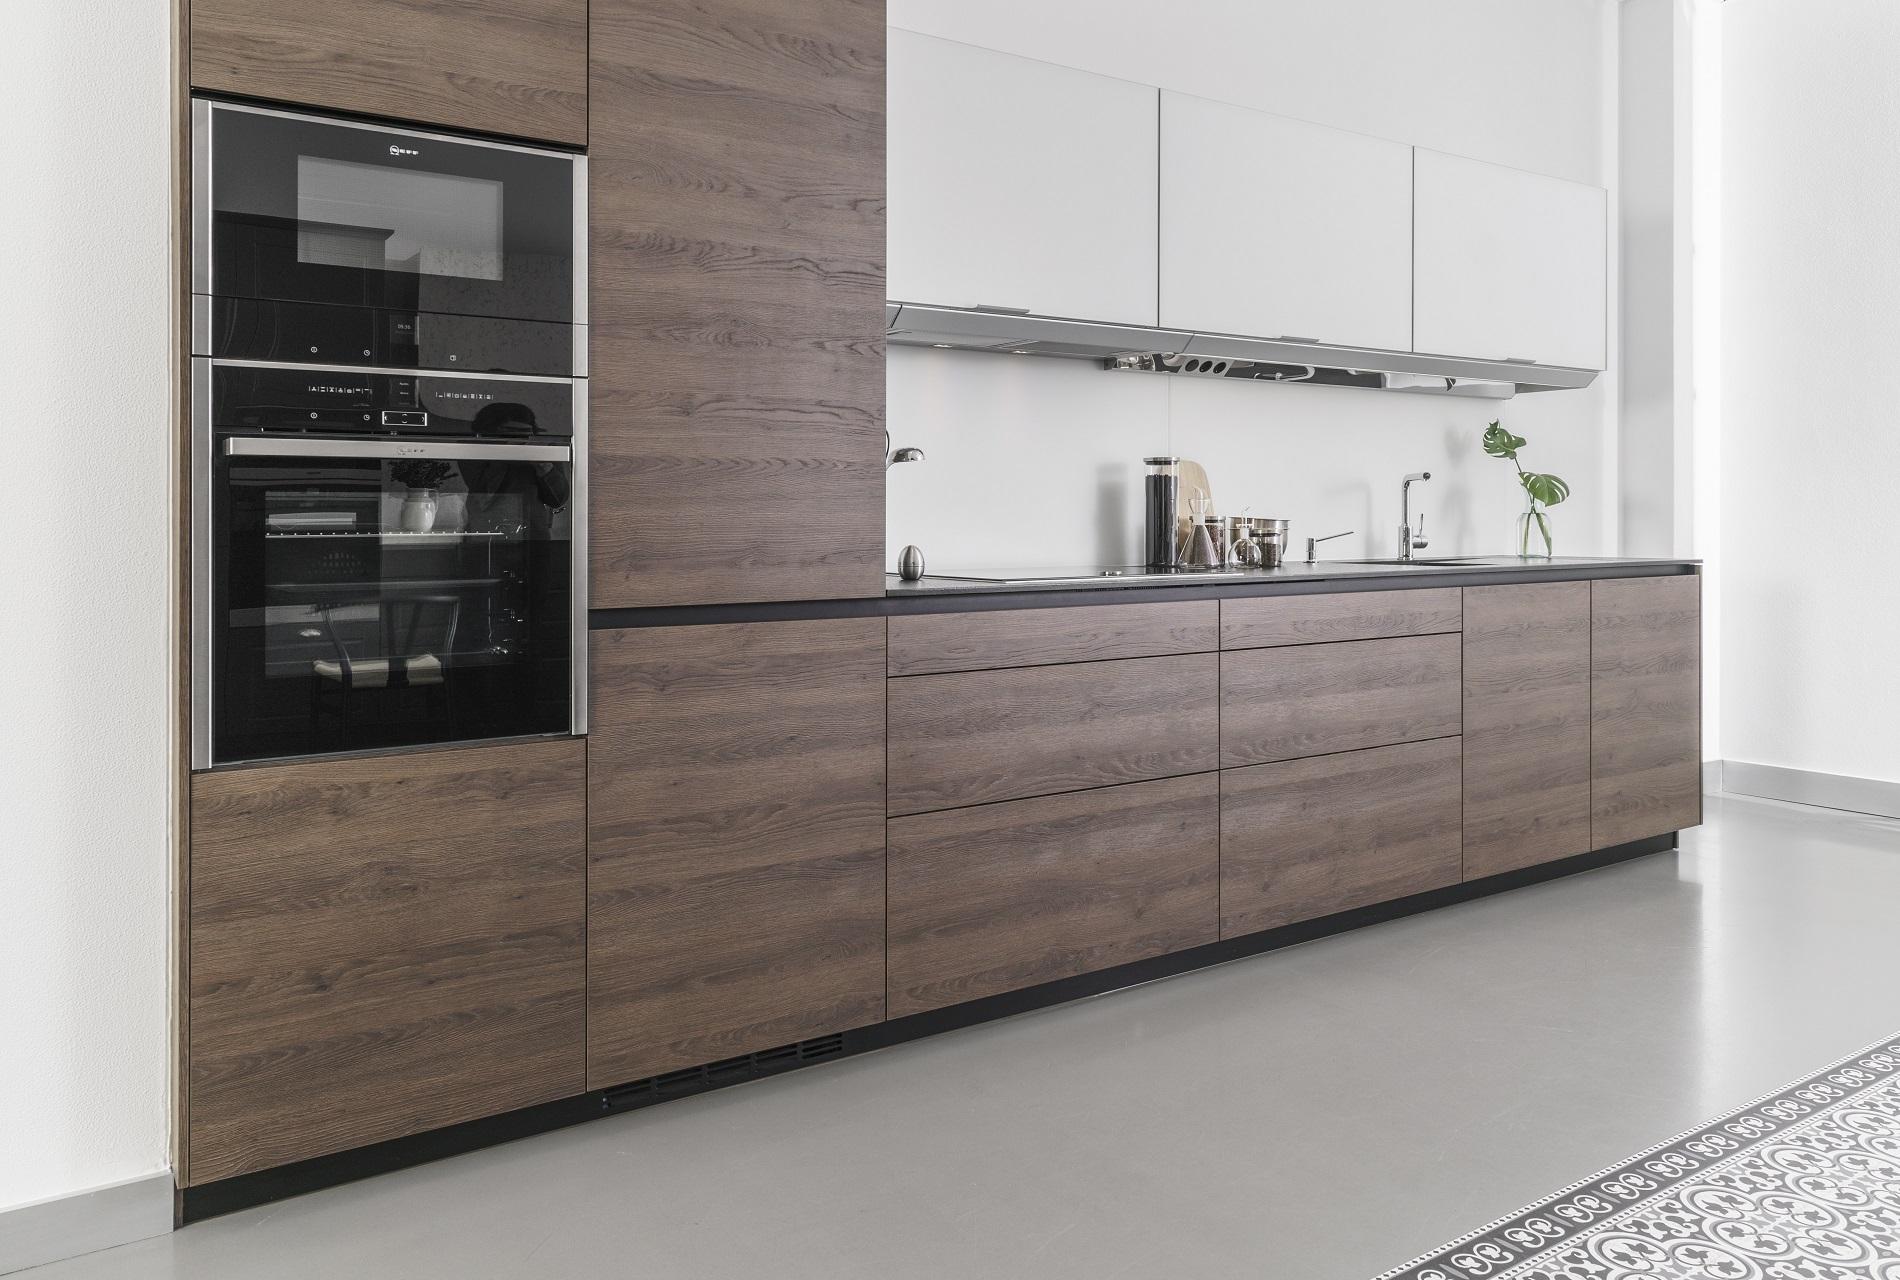 Liquidación de cocinas Santos: Modelo LINE-L